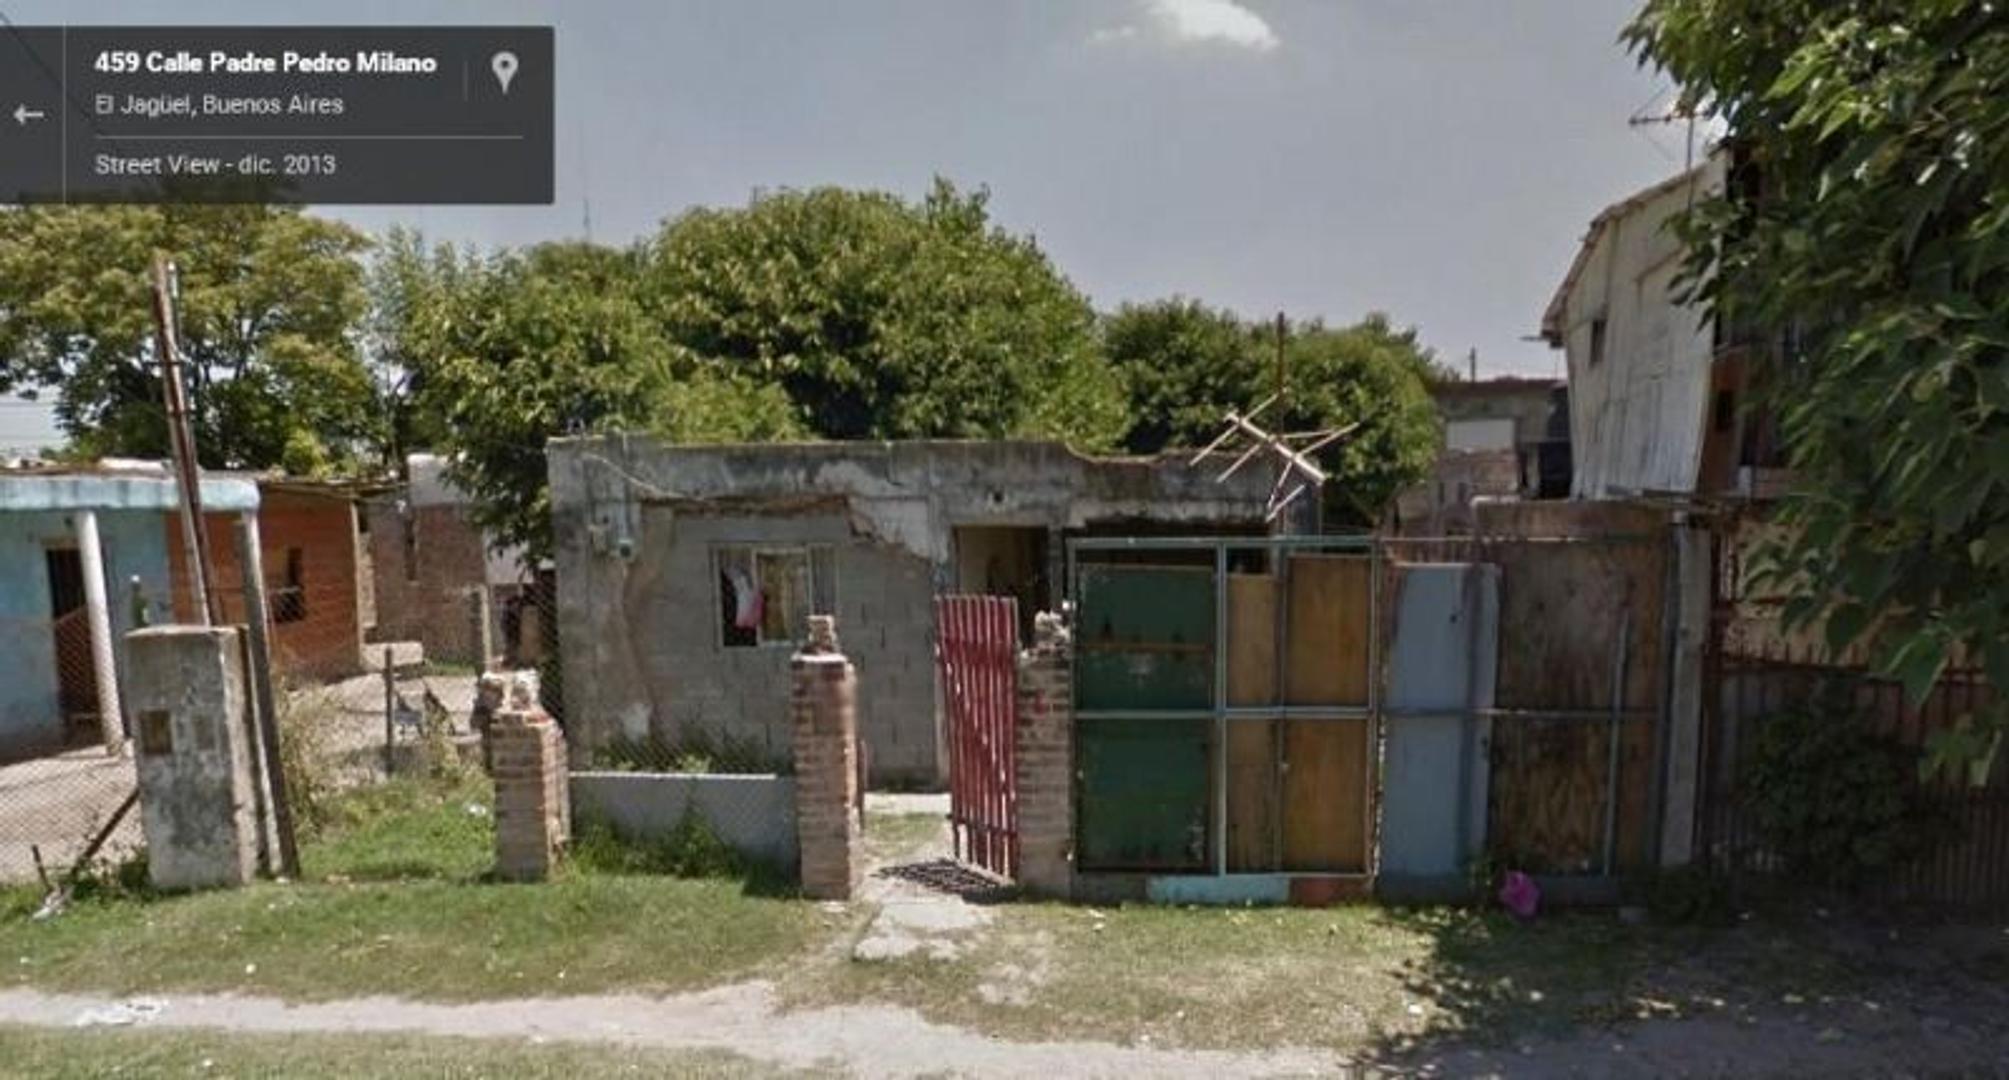 Lote 10x 30 con Casa sencilla. 7 C Estación.